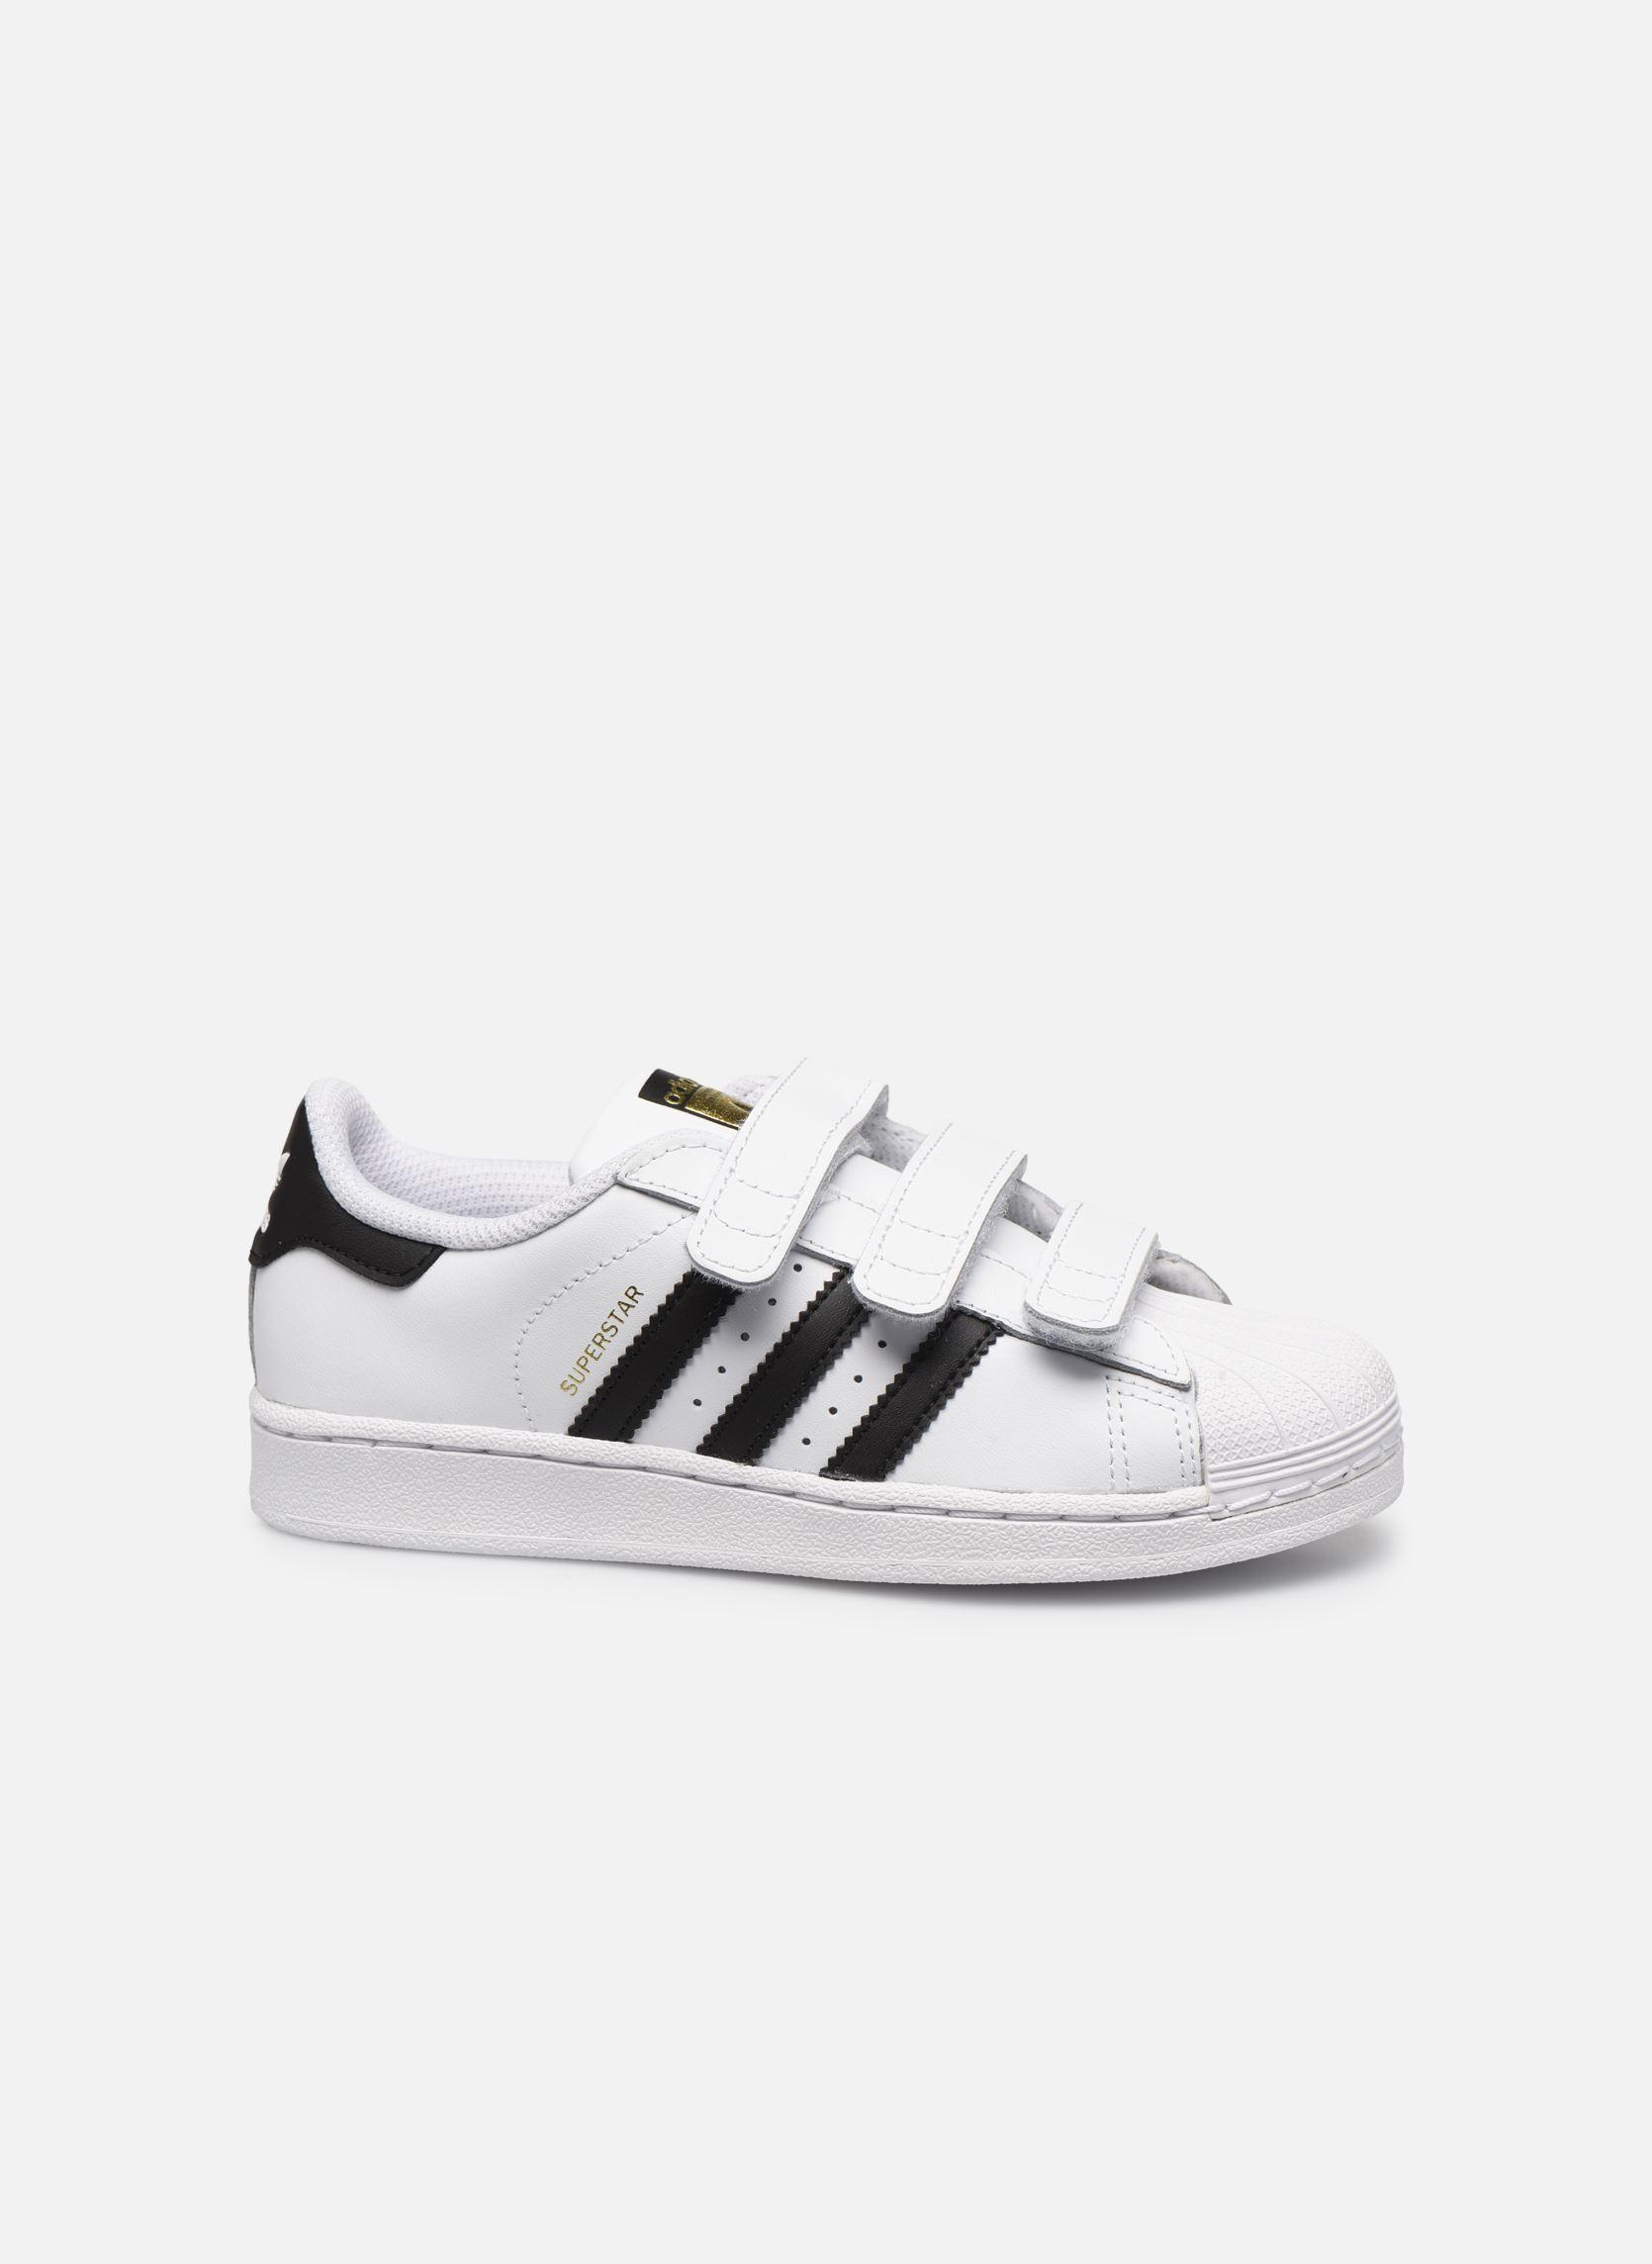 mignon pas cher joli design Nouvelles Arrivées Adidas Originals Chaussures - Adidas Originals Superstar ...